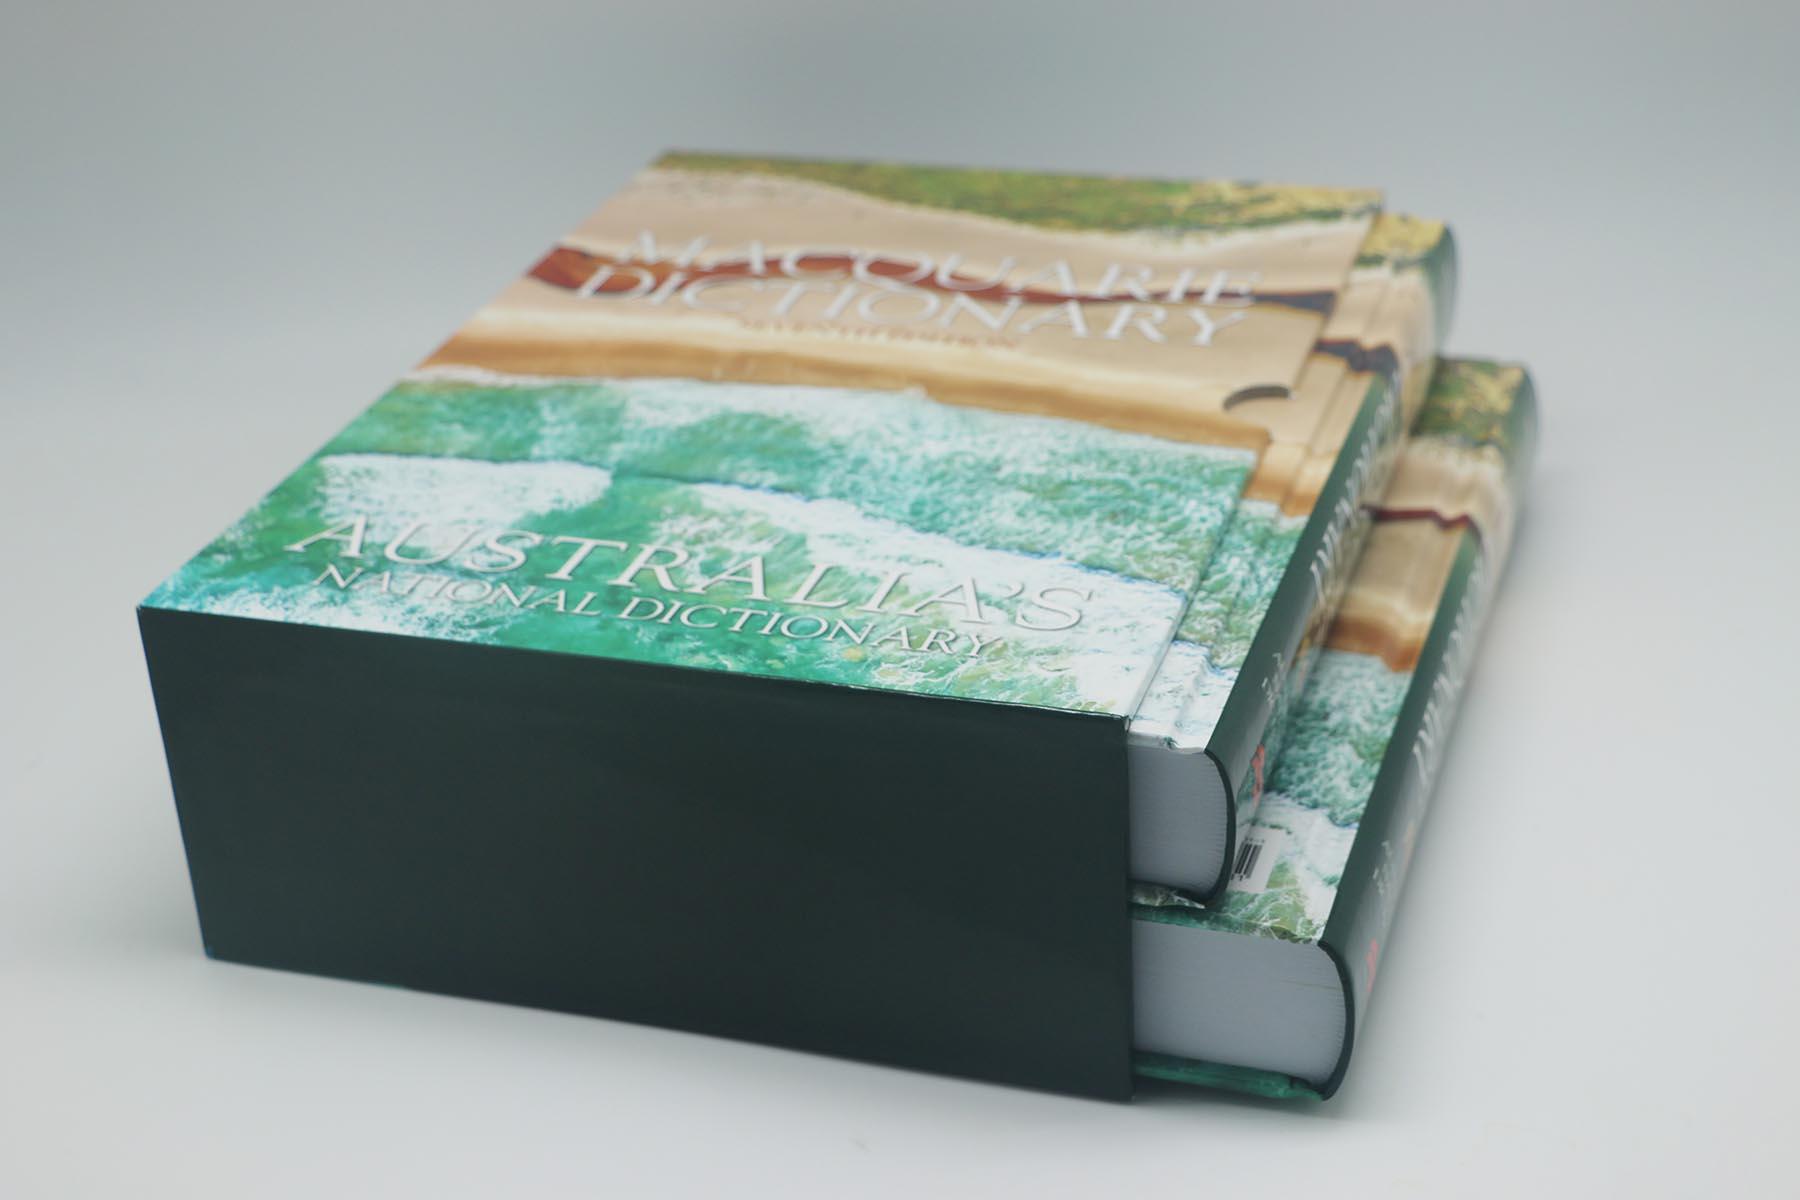 国外双本书盒套装印刷-?#26469;?#21360;刷